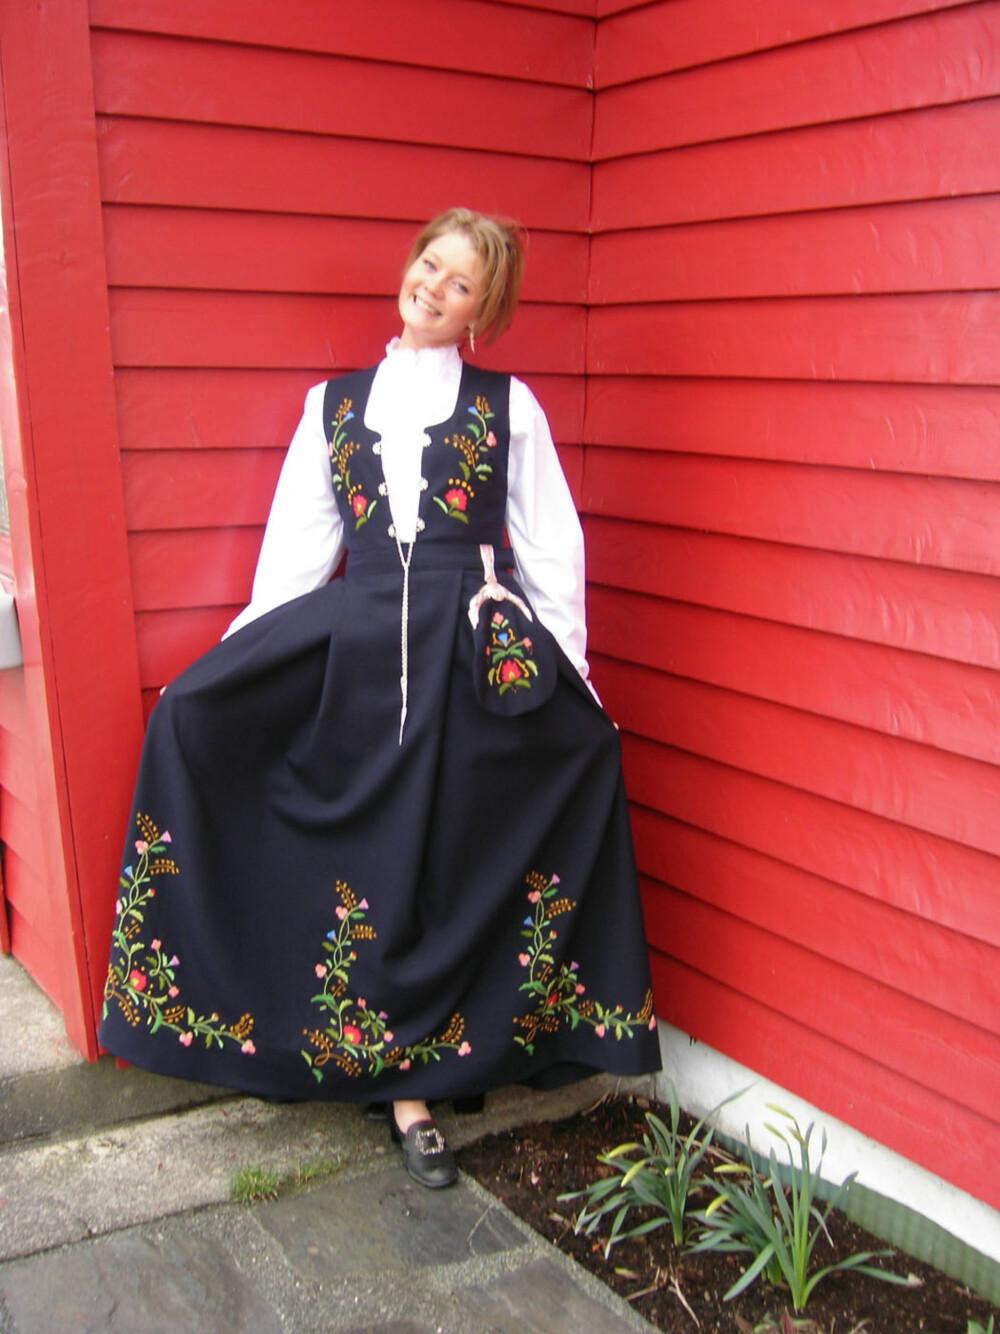 BUNAD: Hva slags bunad er dette?: Bergens Bunad  Hvem ser vi på bildet? : Susanne Kaland  Hvor er bildet tatt, og i hvilken situasjon?: Første gang jeg prøvde bunaden min. Stolt mormor tar bildet!